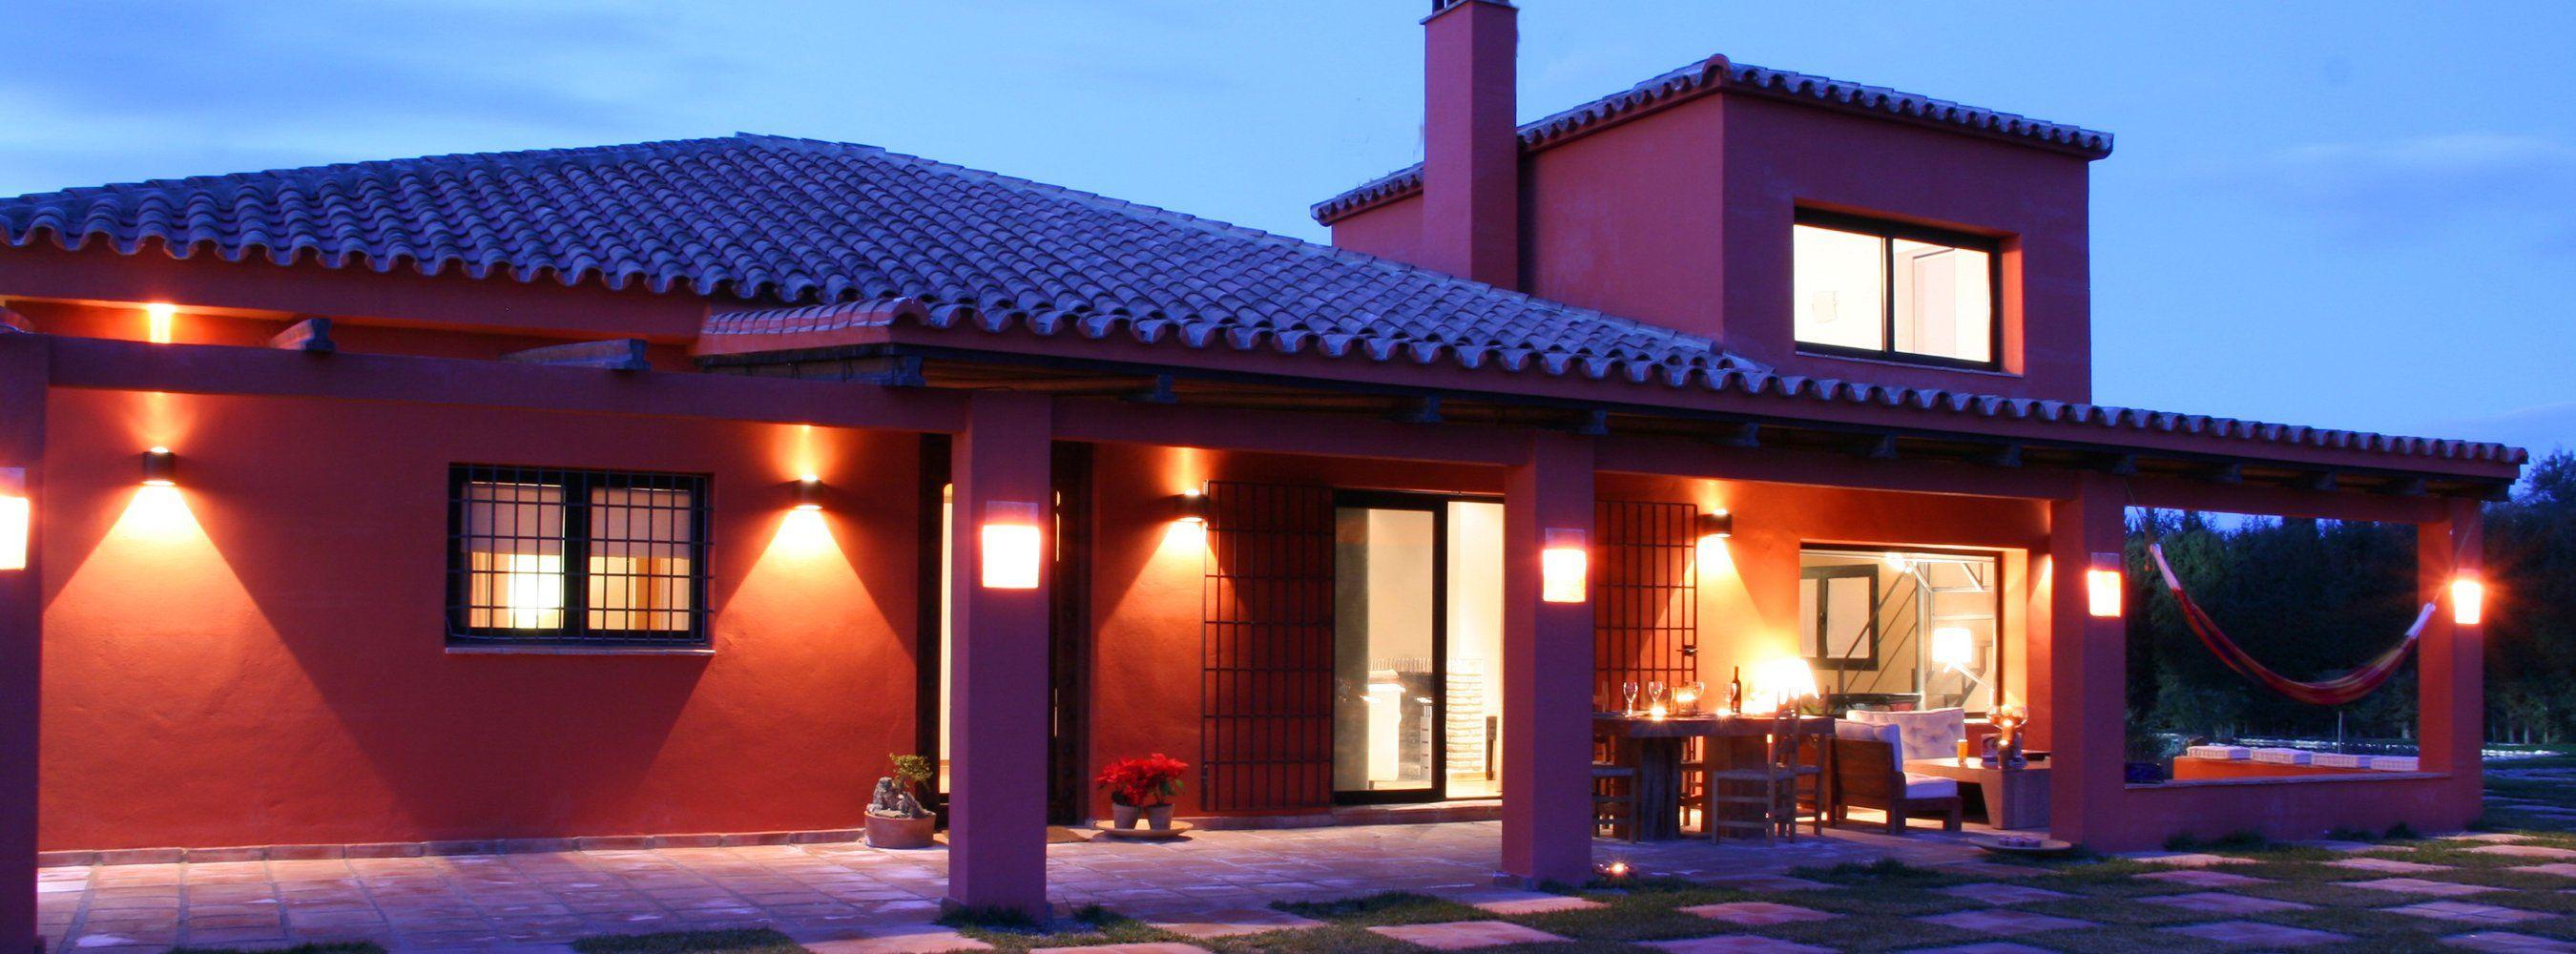 facade ronda villa